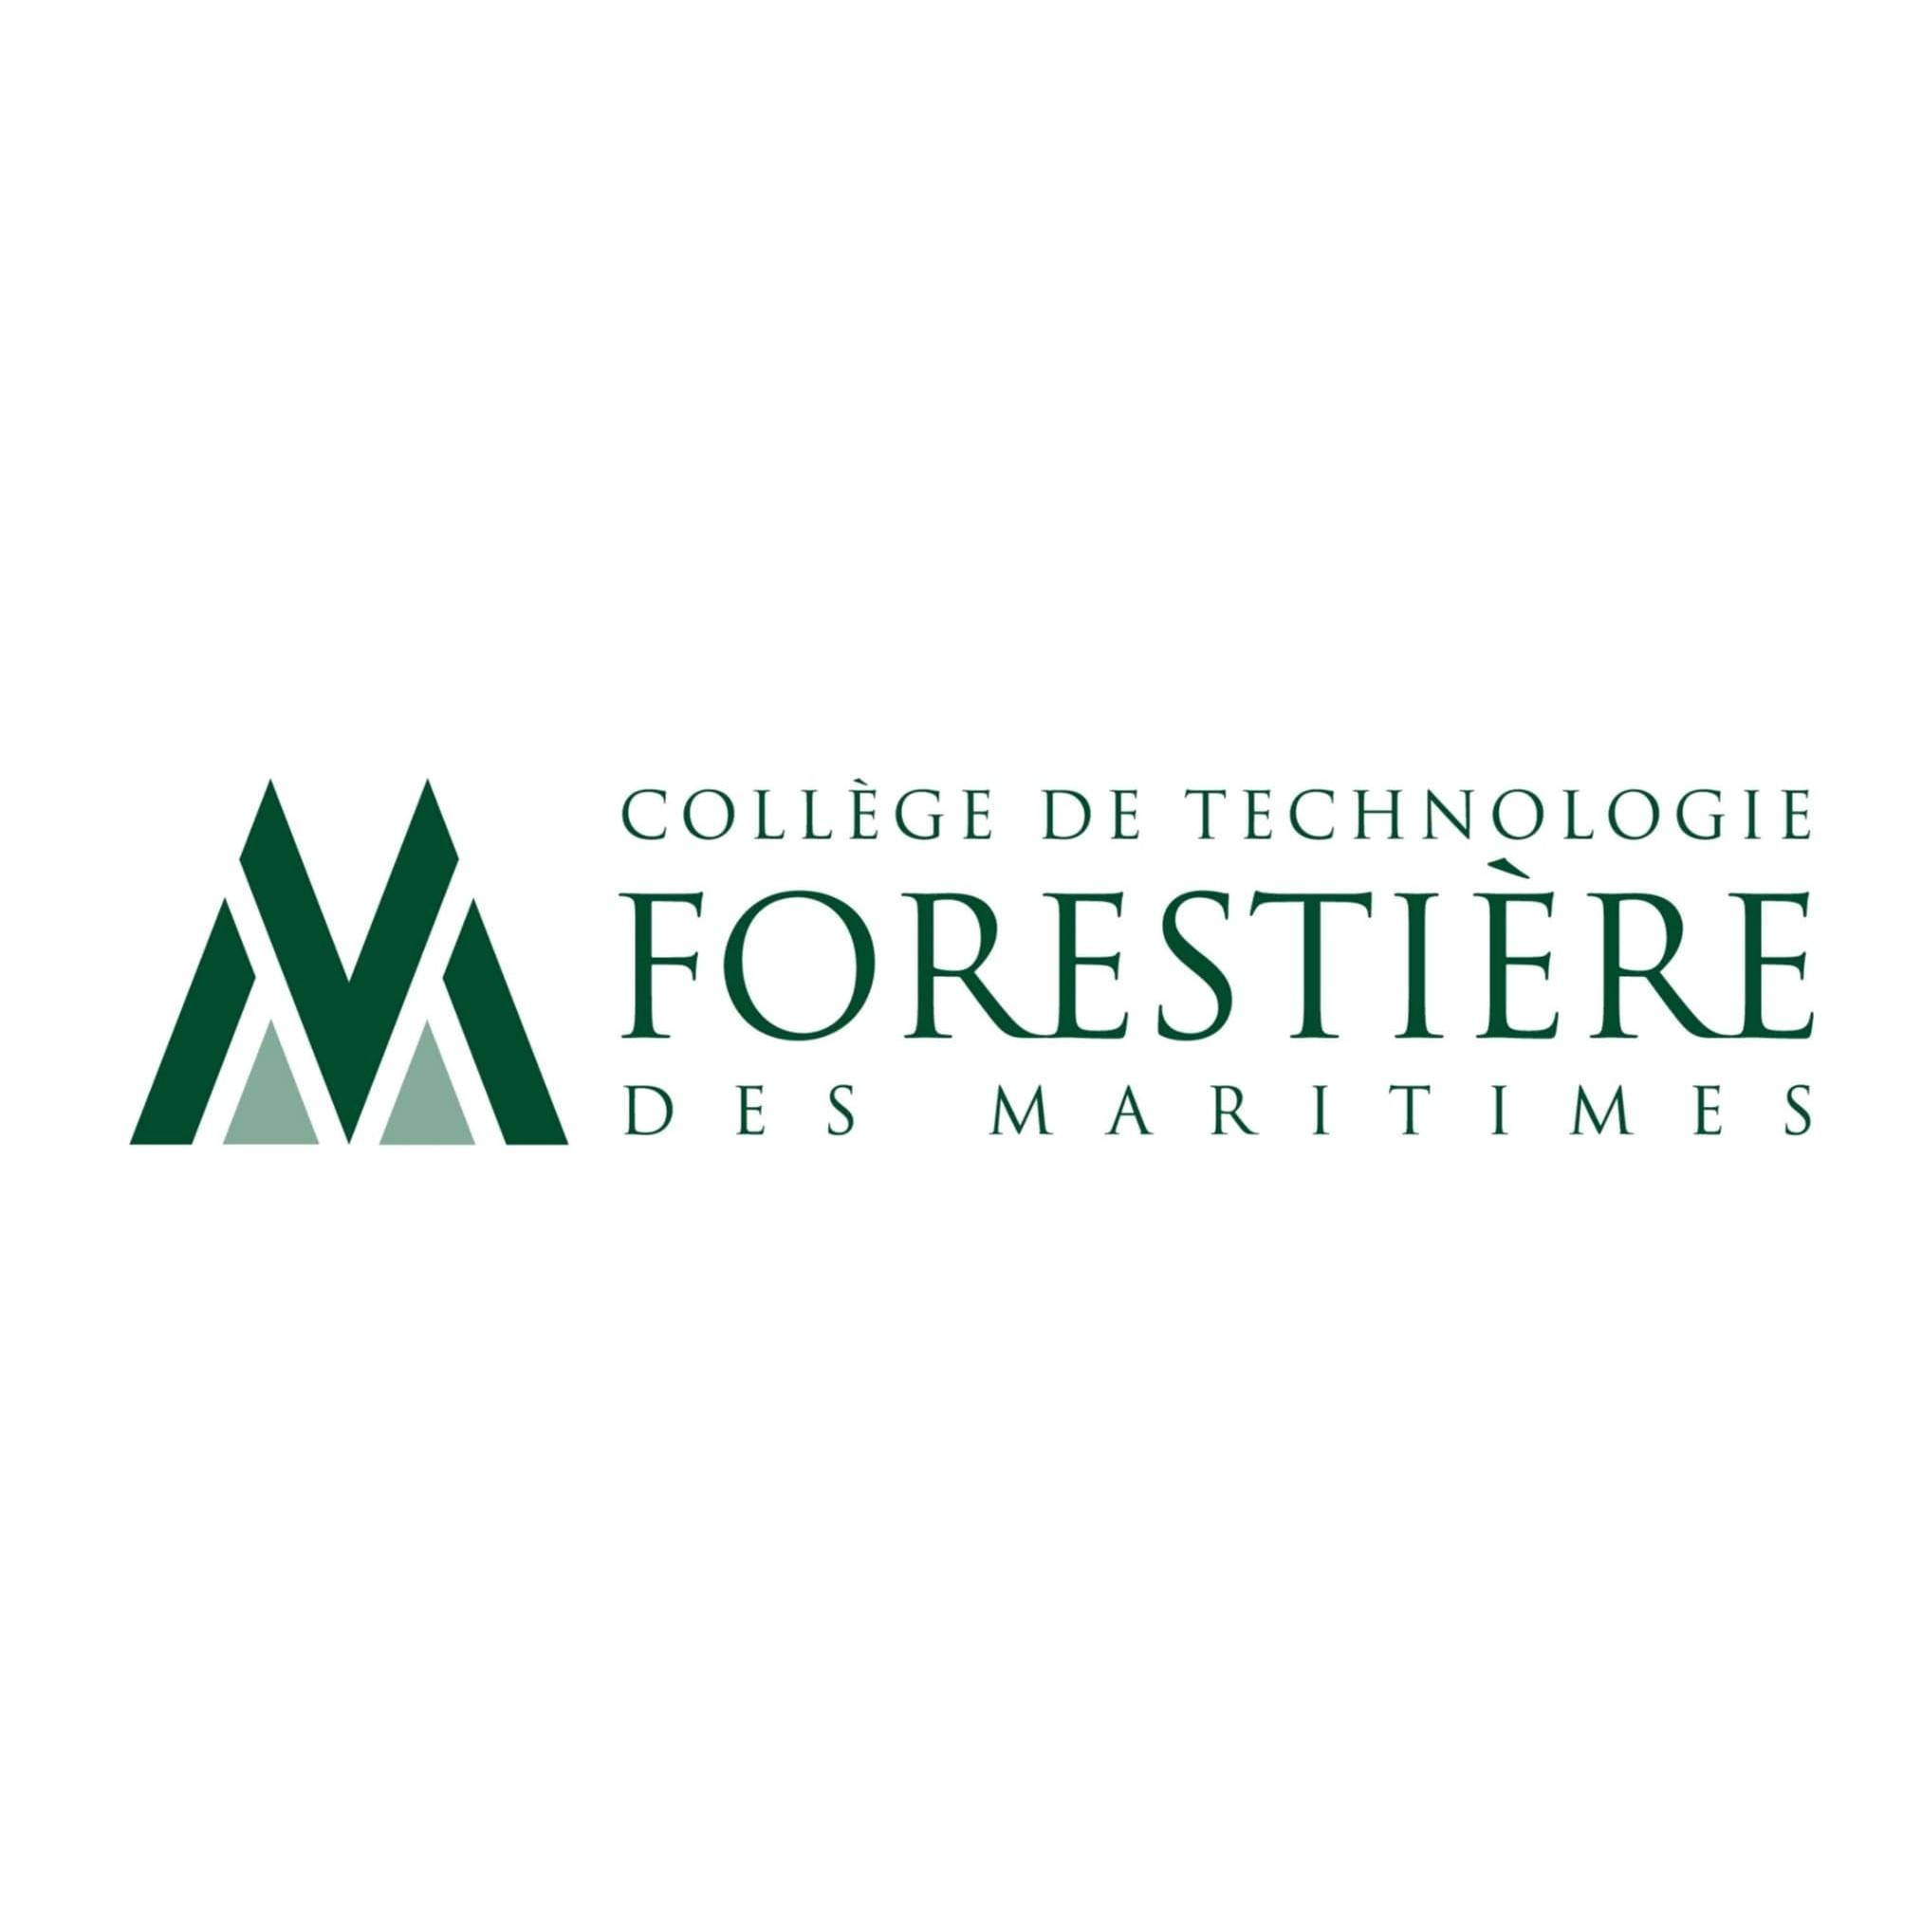 Collège de Technologie forestière des Maritimes